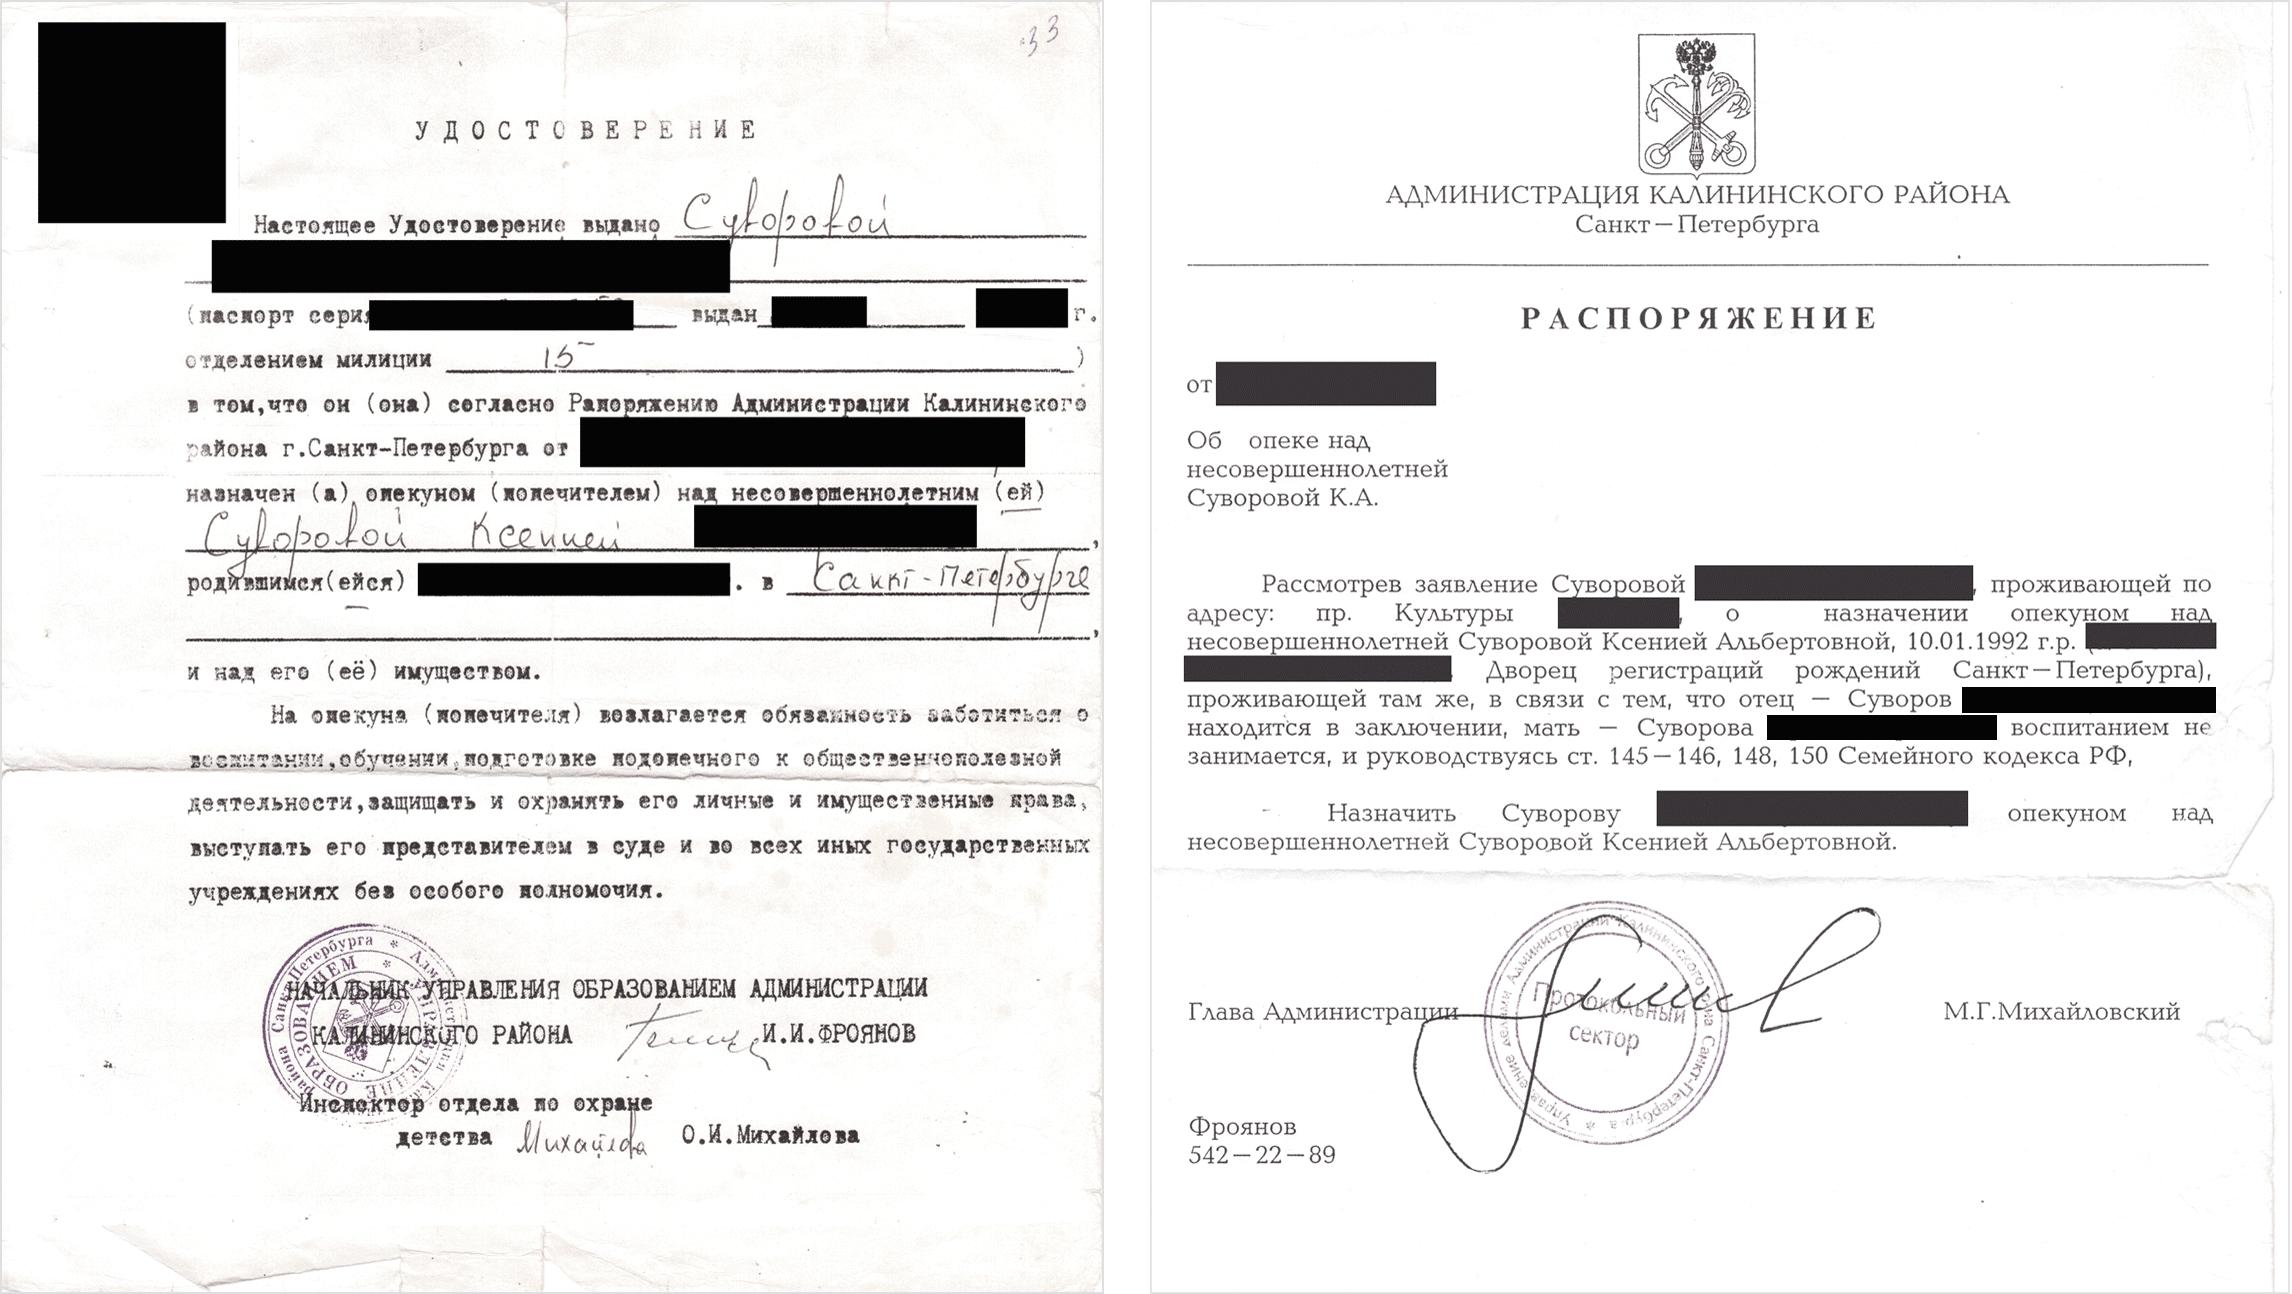 Распоряжение об опекунстве и удостоверение опекуна — самые важные документы для детей-сирот, если они находятся под опекунством